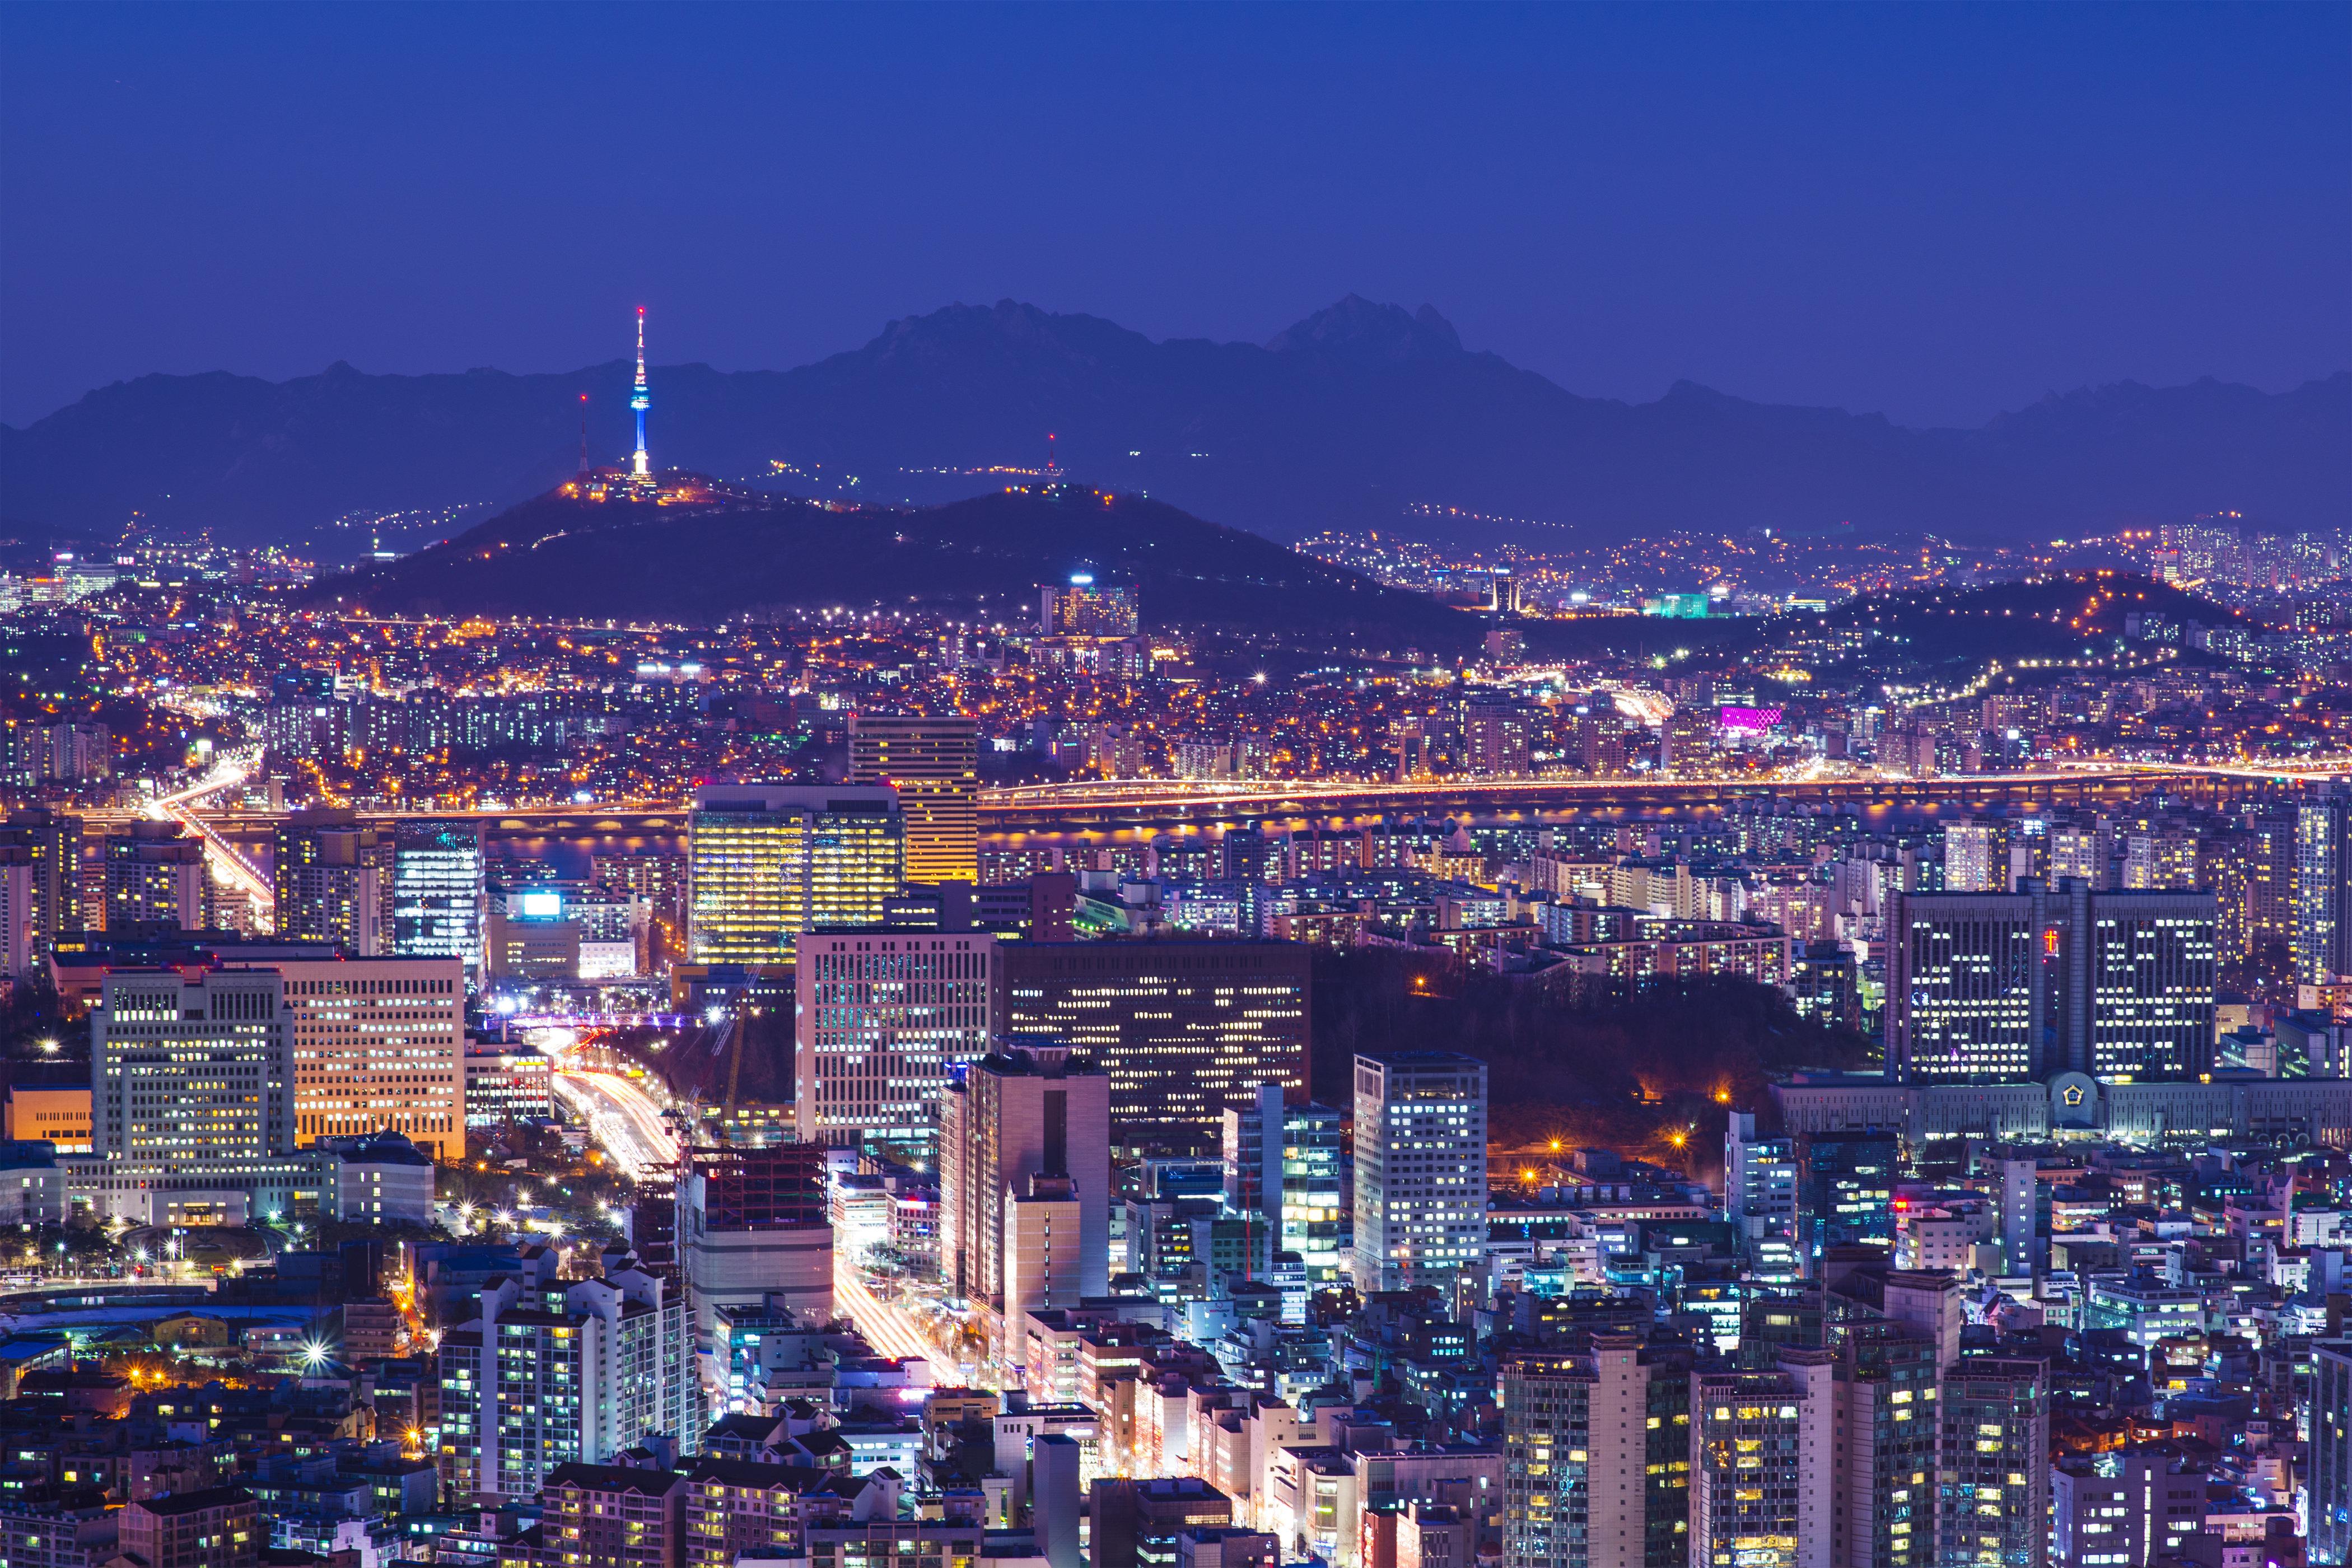 서울 아침 최저기온이 기상관측 111년 만에 최고치를 기록했다